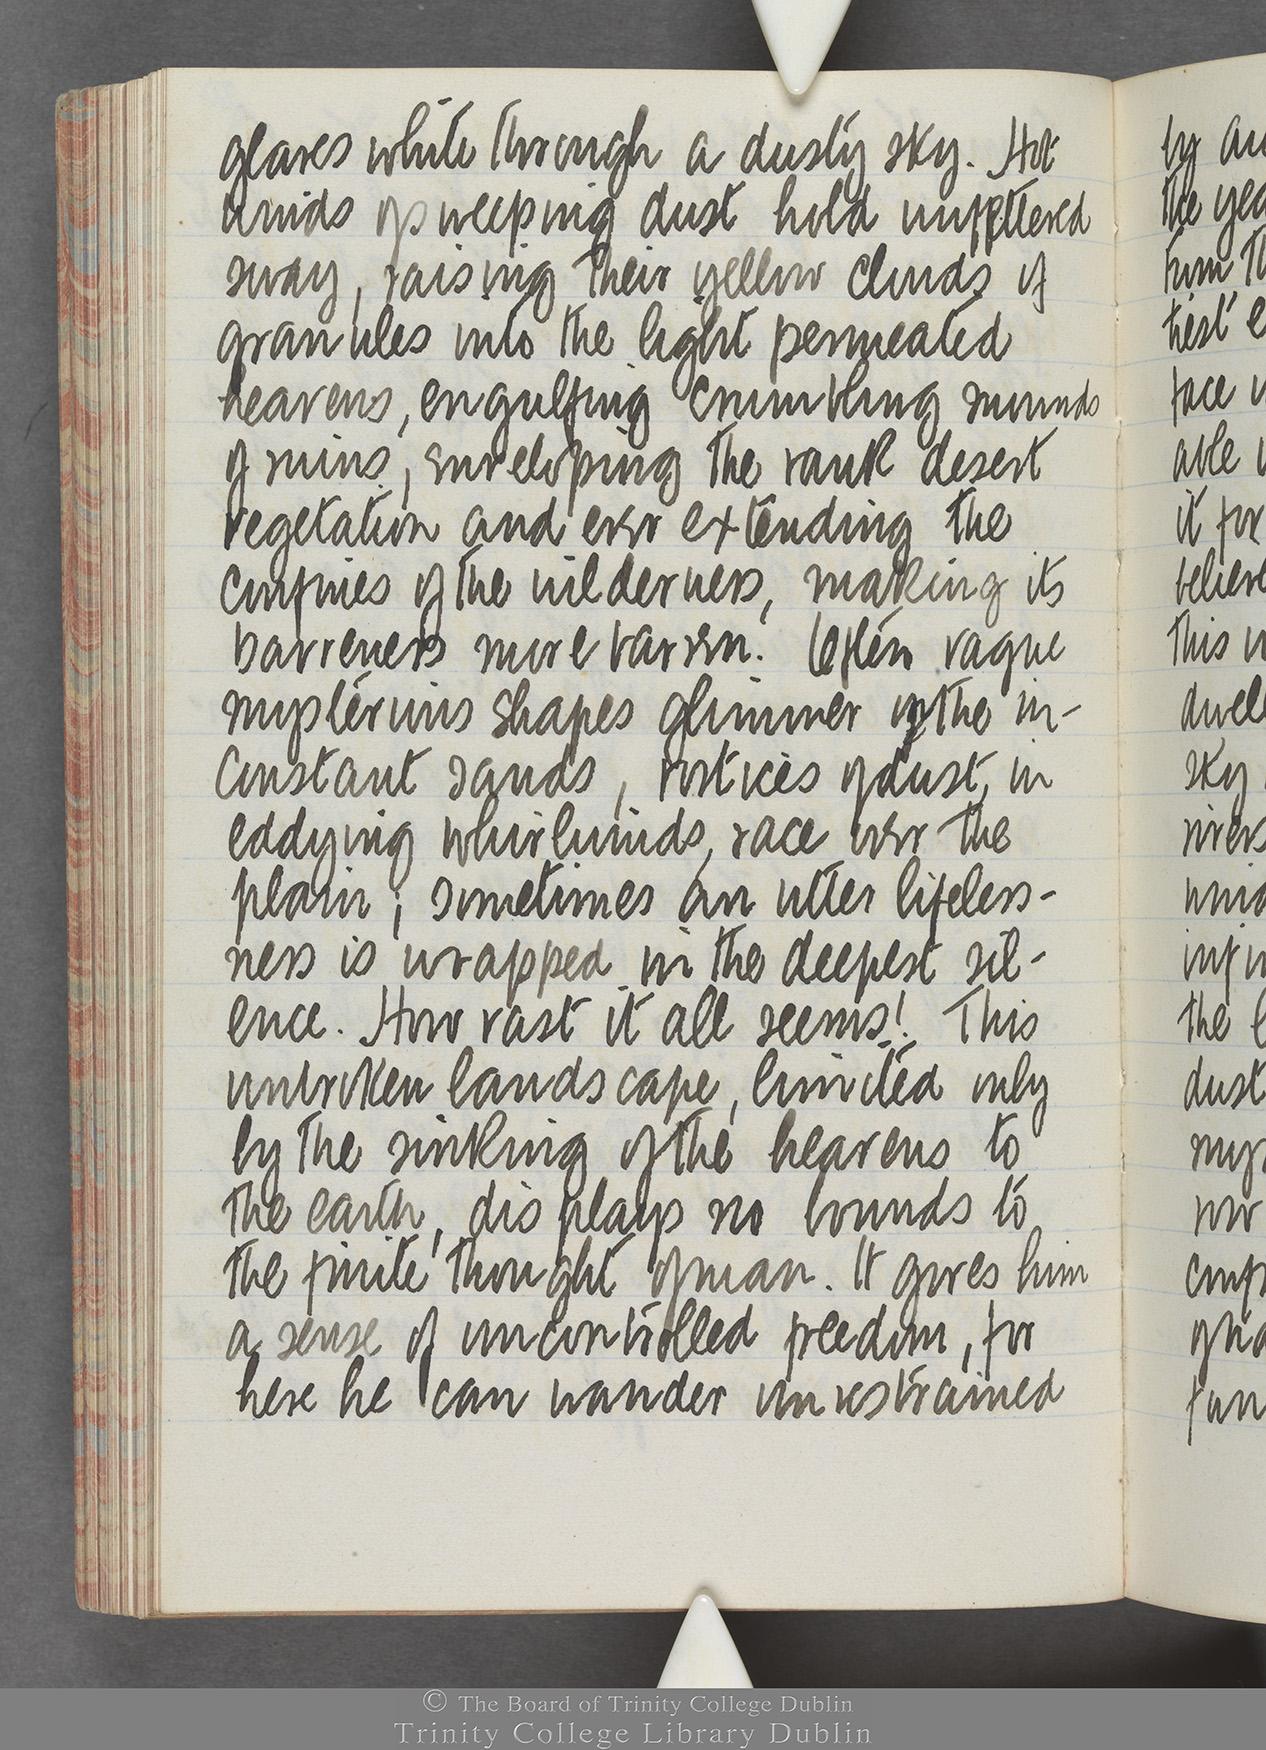 TCD MS 10515 folio 80 verso